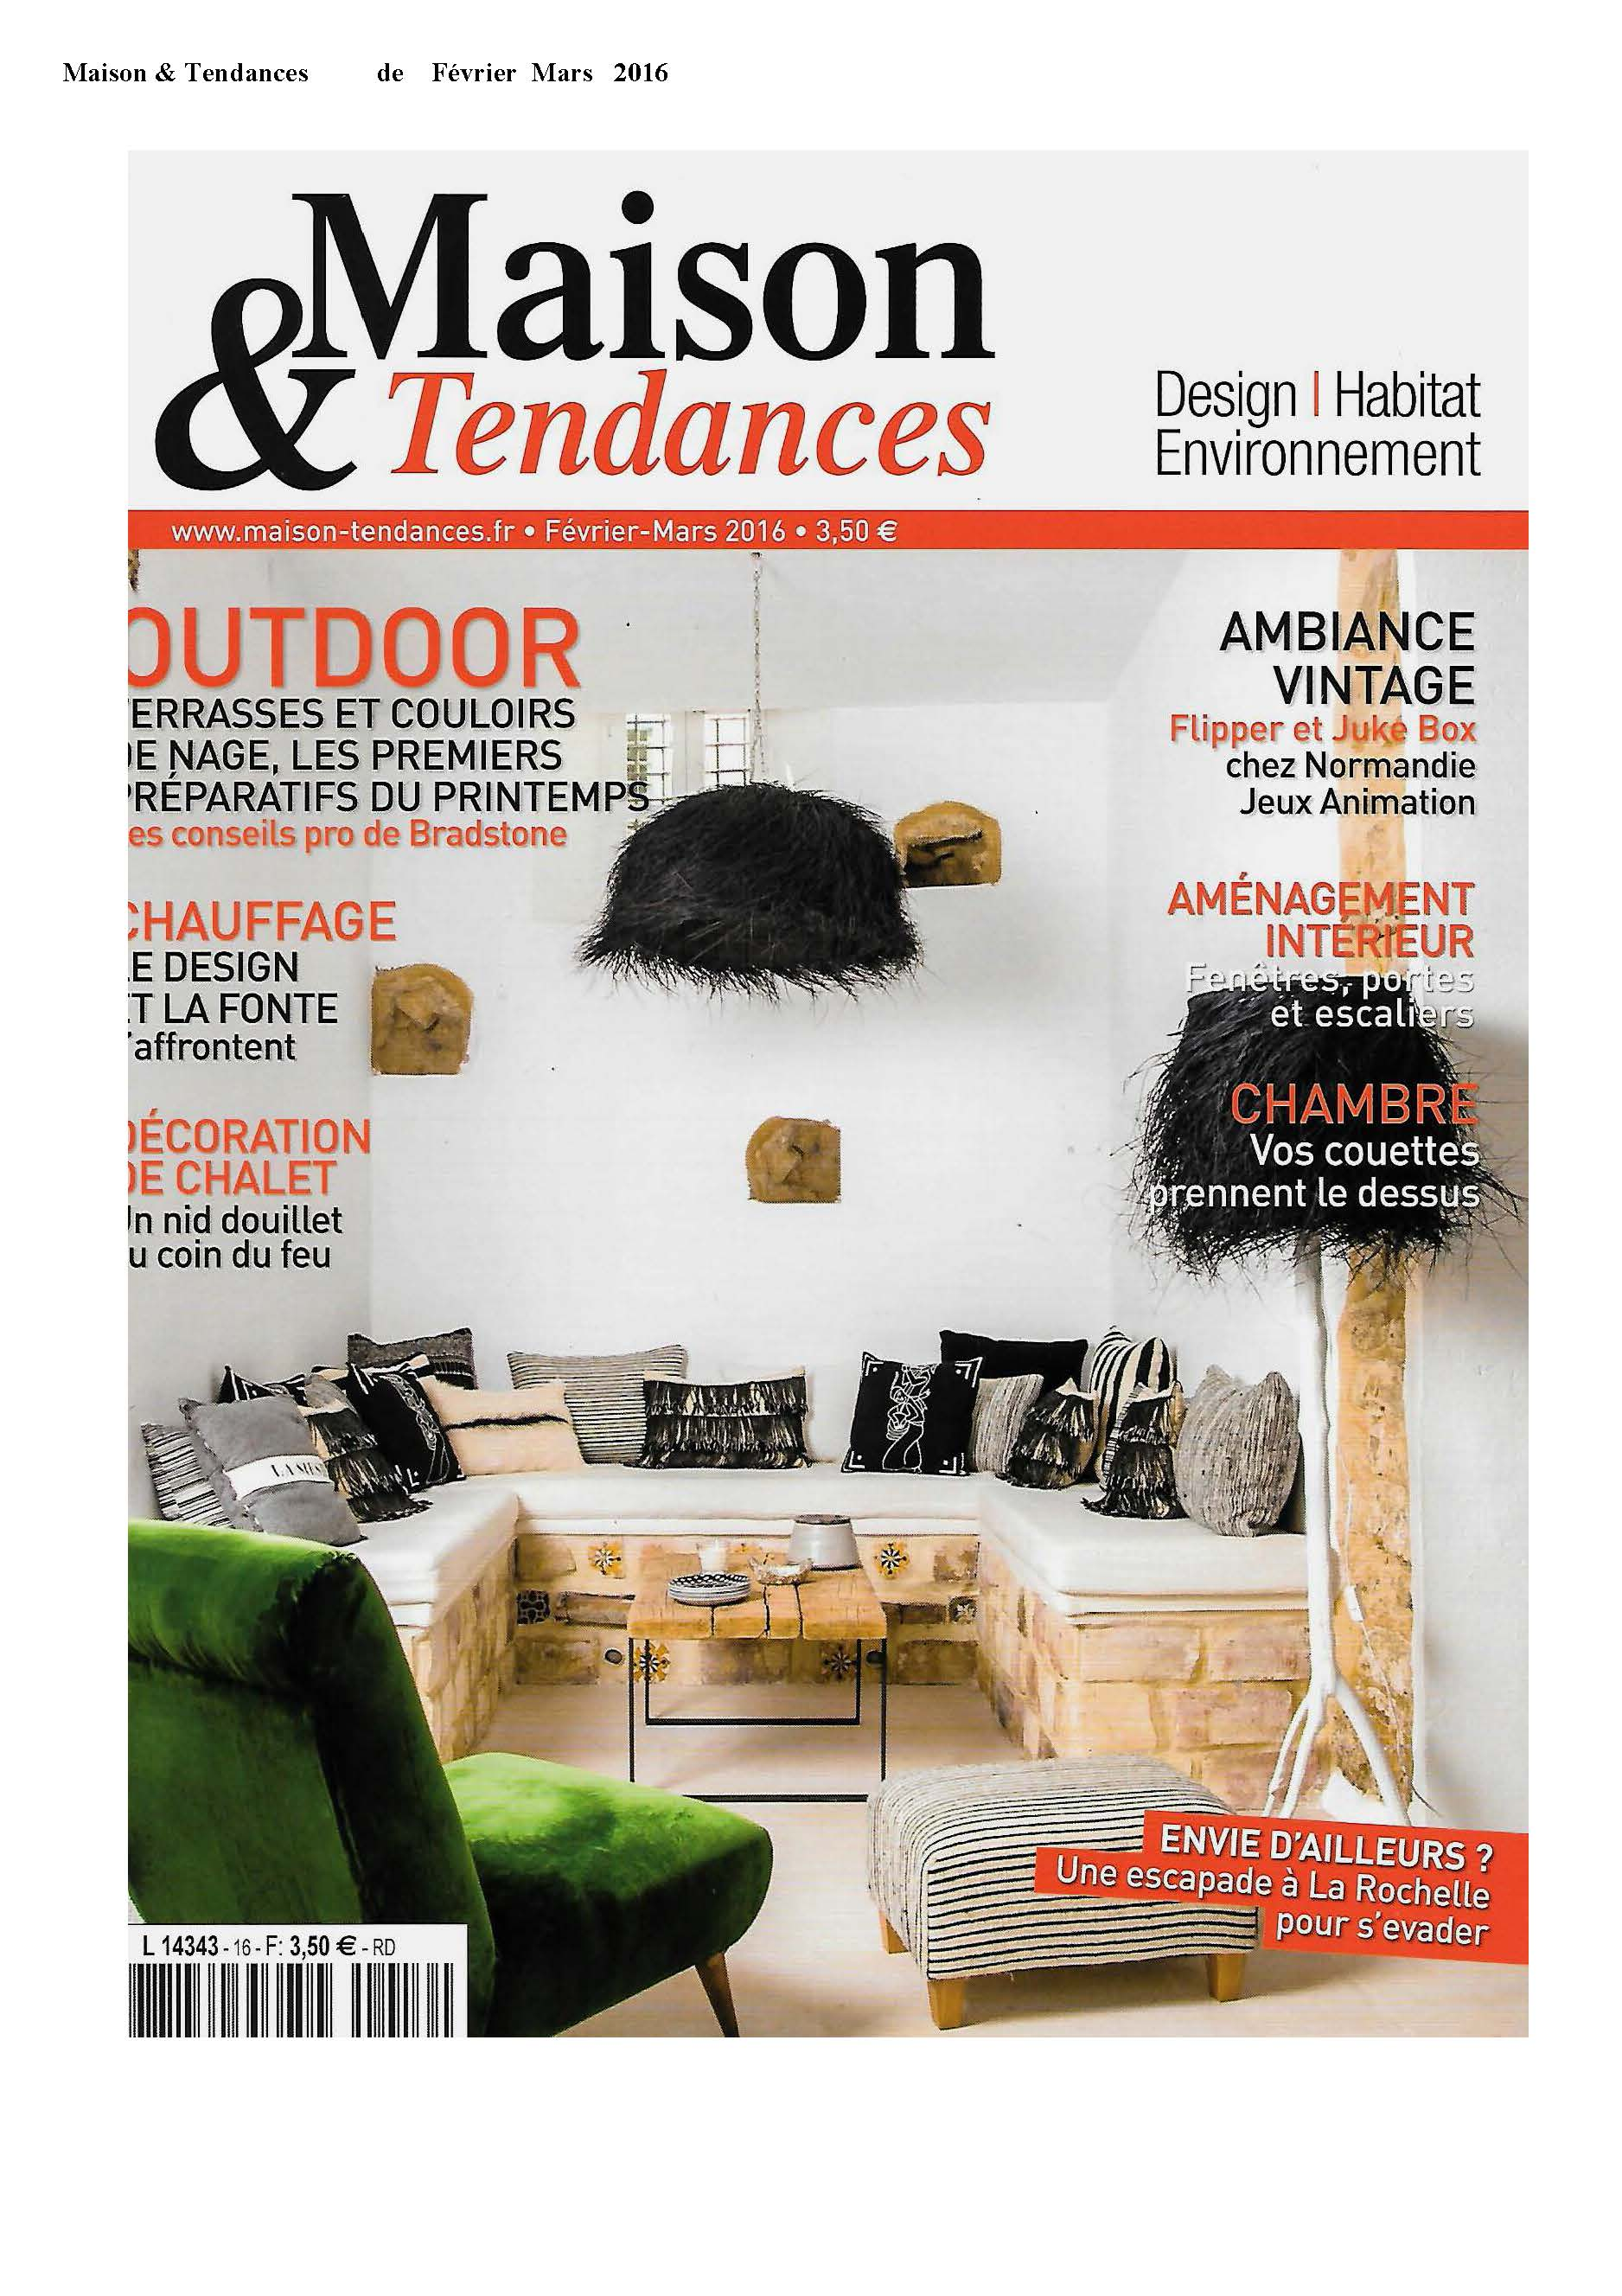 Maison & Tendances Februari-Maart 2016